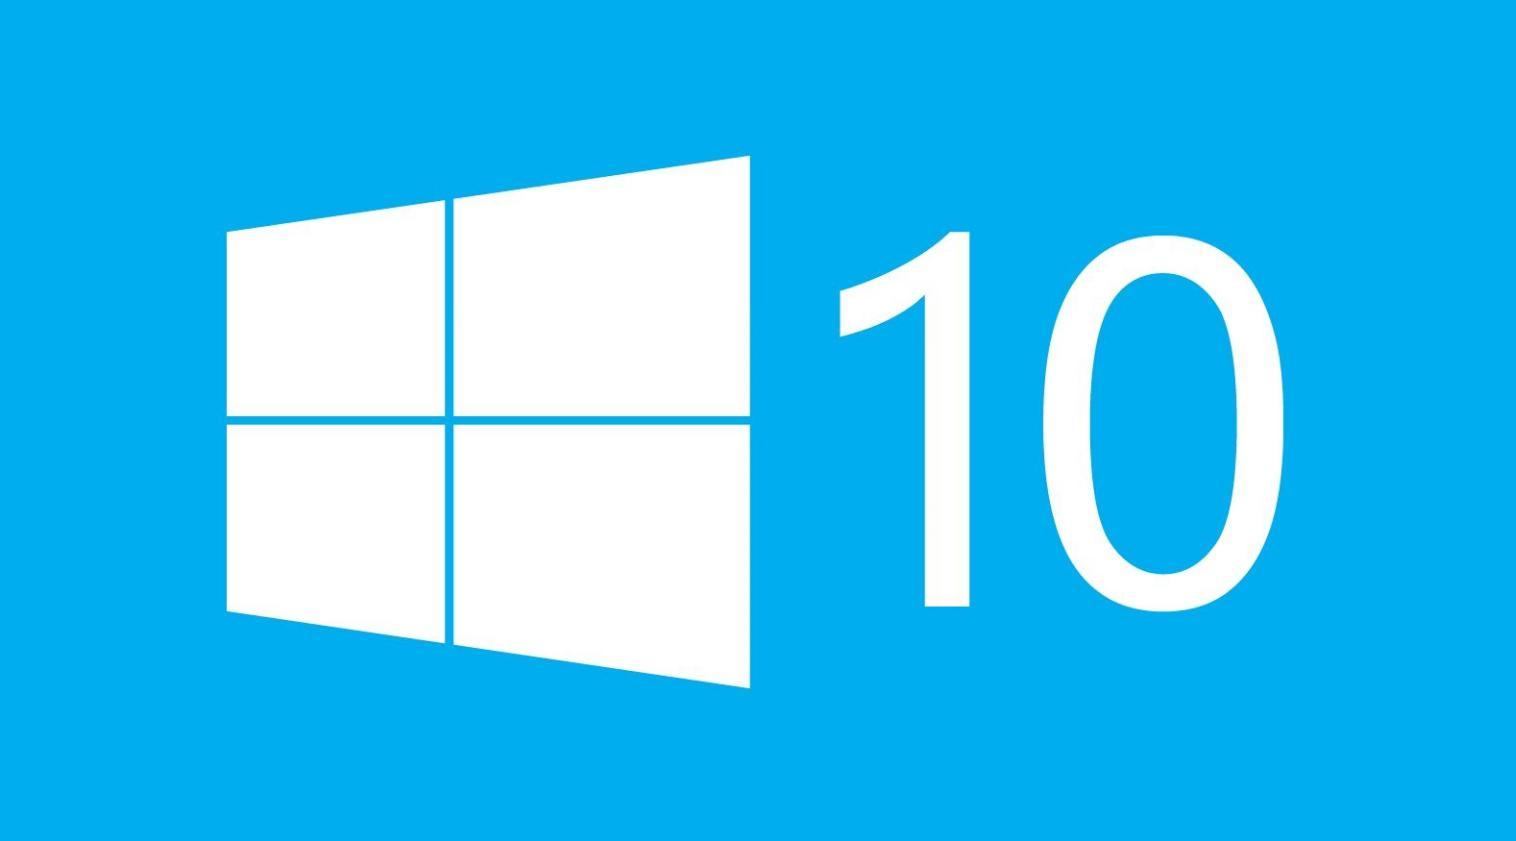 我的关键词 微软正式停止支持win7,数亿用户受影响,究竟要不要升级到win10  热门消息